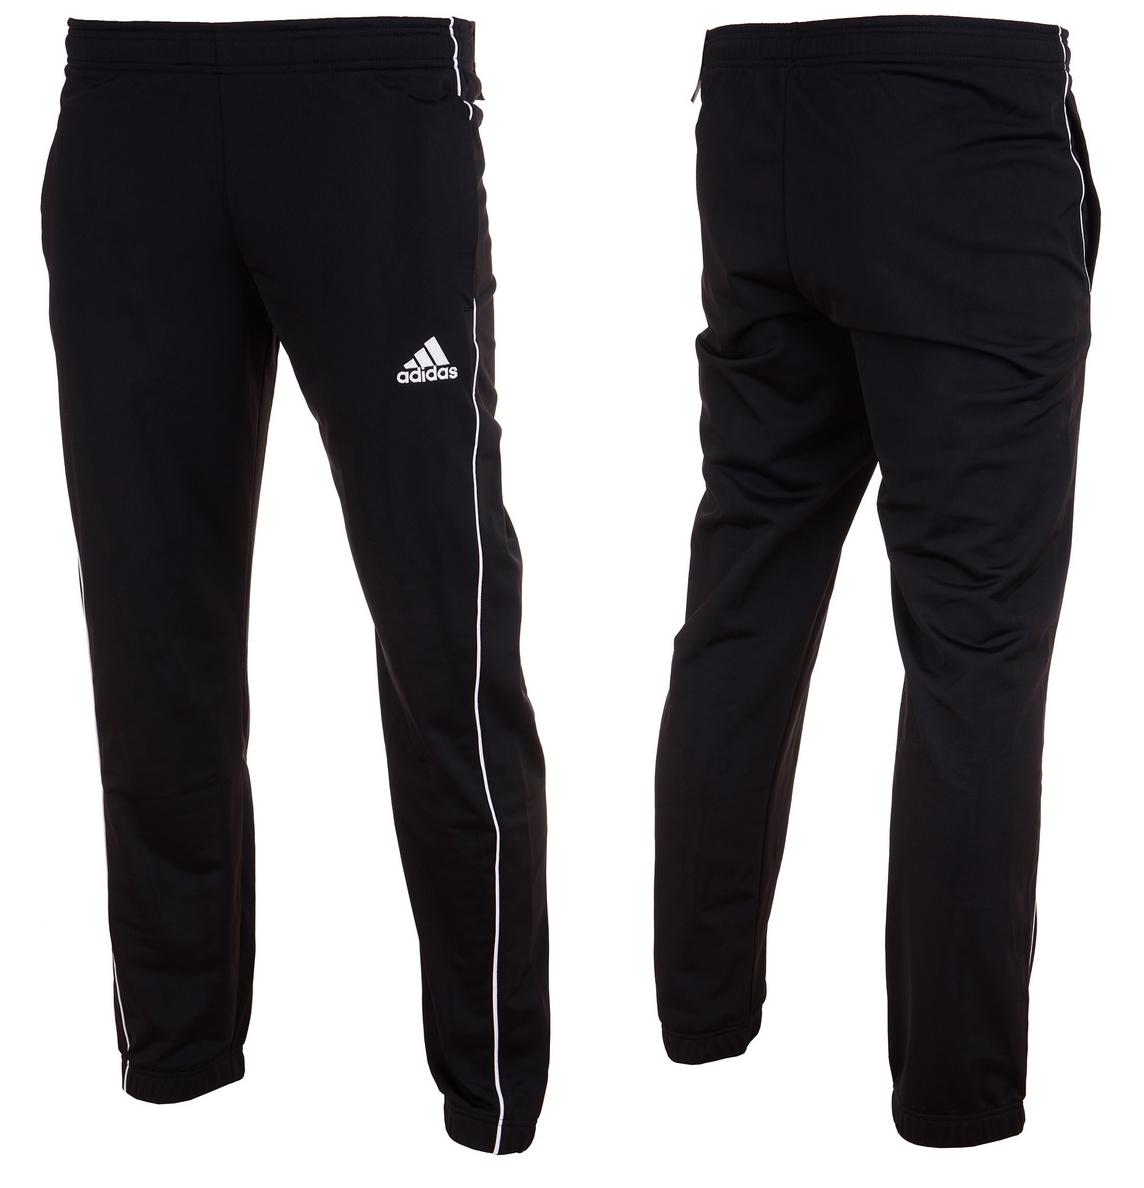 Dres kompletny Adidas meski spodnie bluza Core 18 CV3959 CV3753